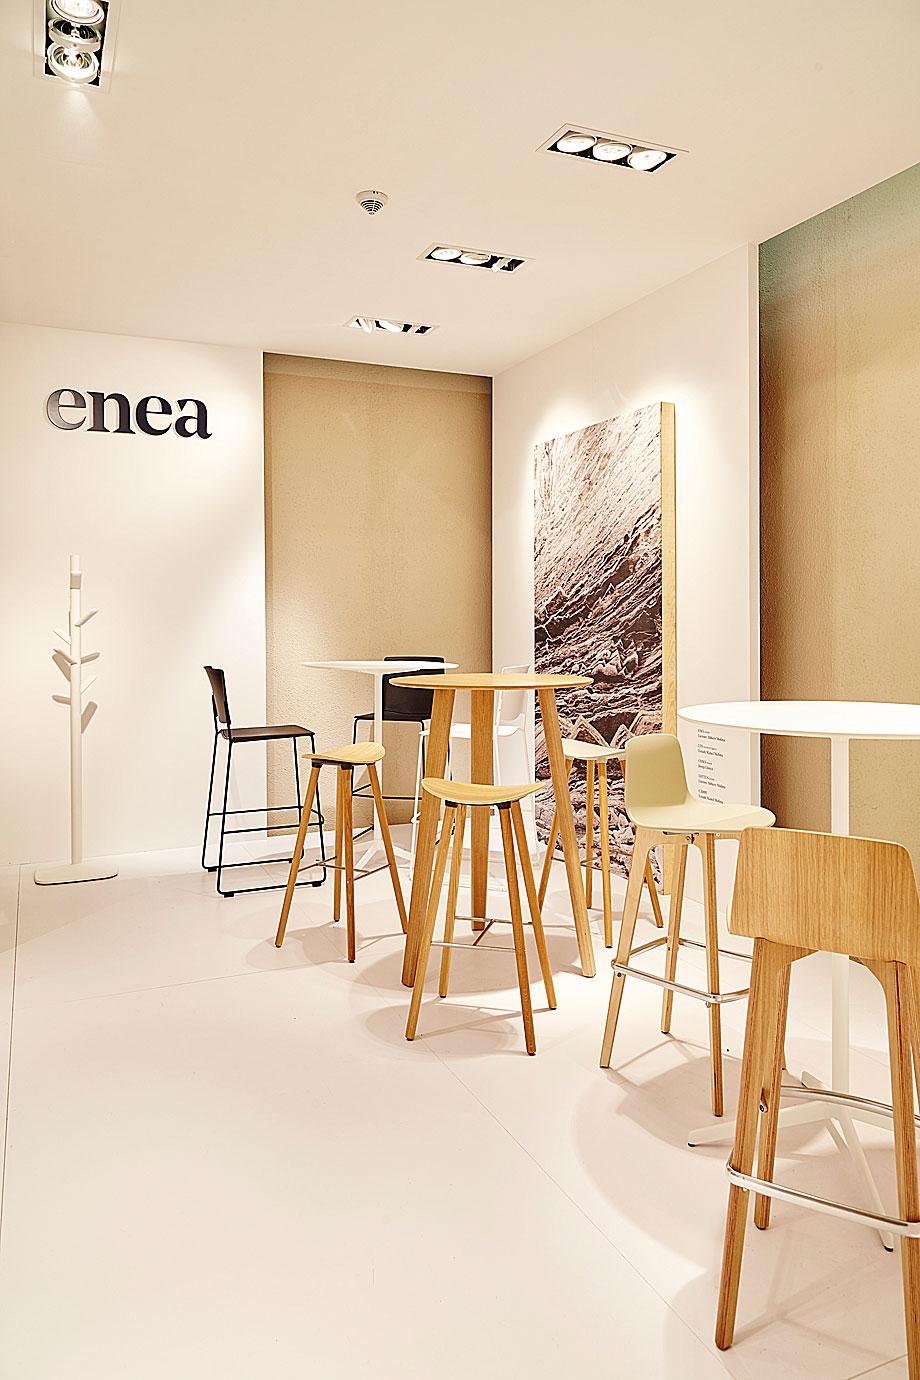 enea-orgatec-2016-stand-12